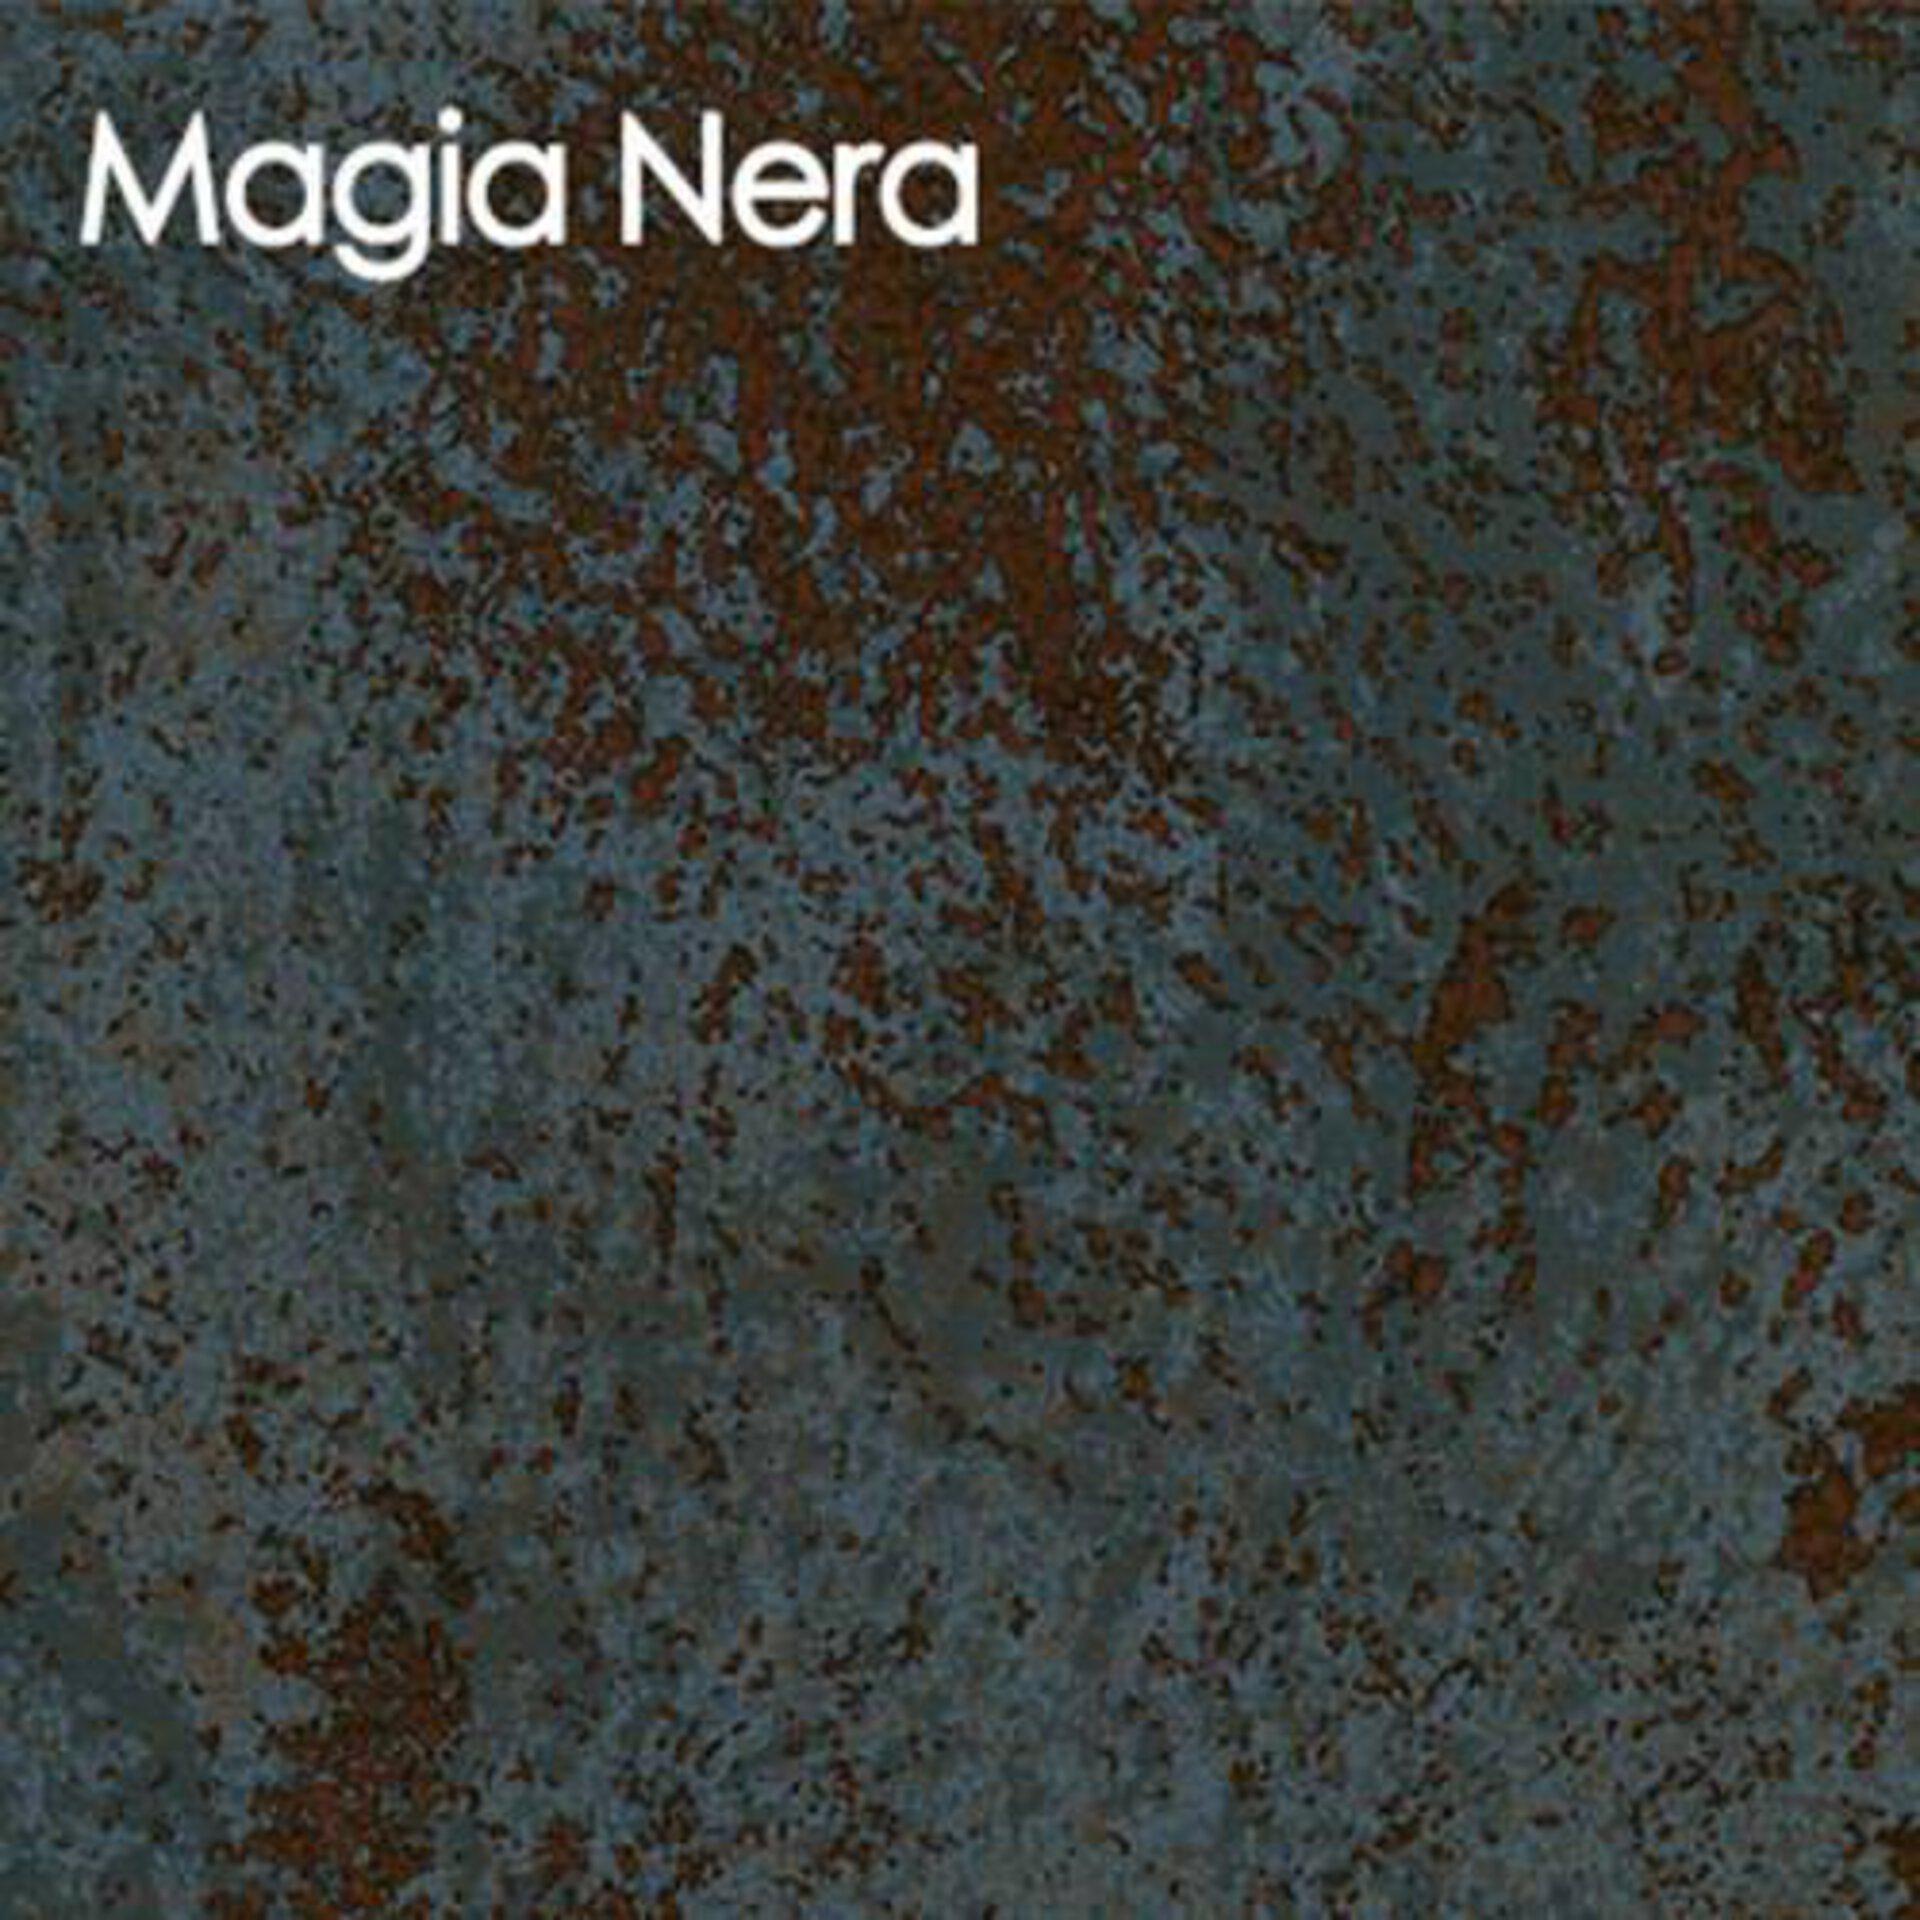 Arbeitsplatte aus Keramik in der Steinoptik Magia Nera. Die vorherschenden Farben sind Steinblau und Rostbraun.